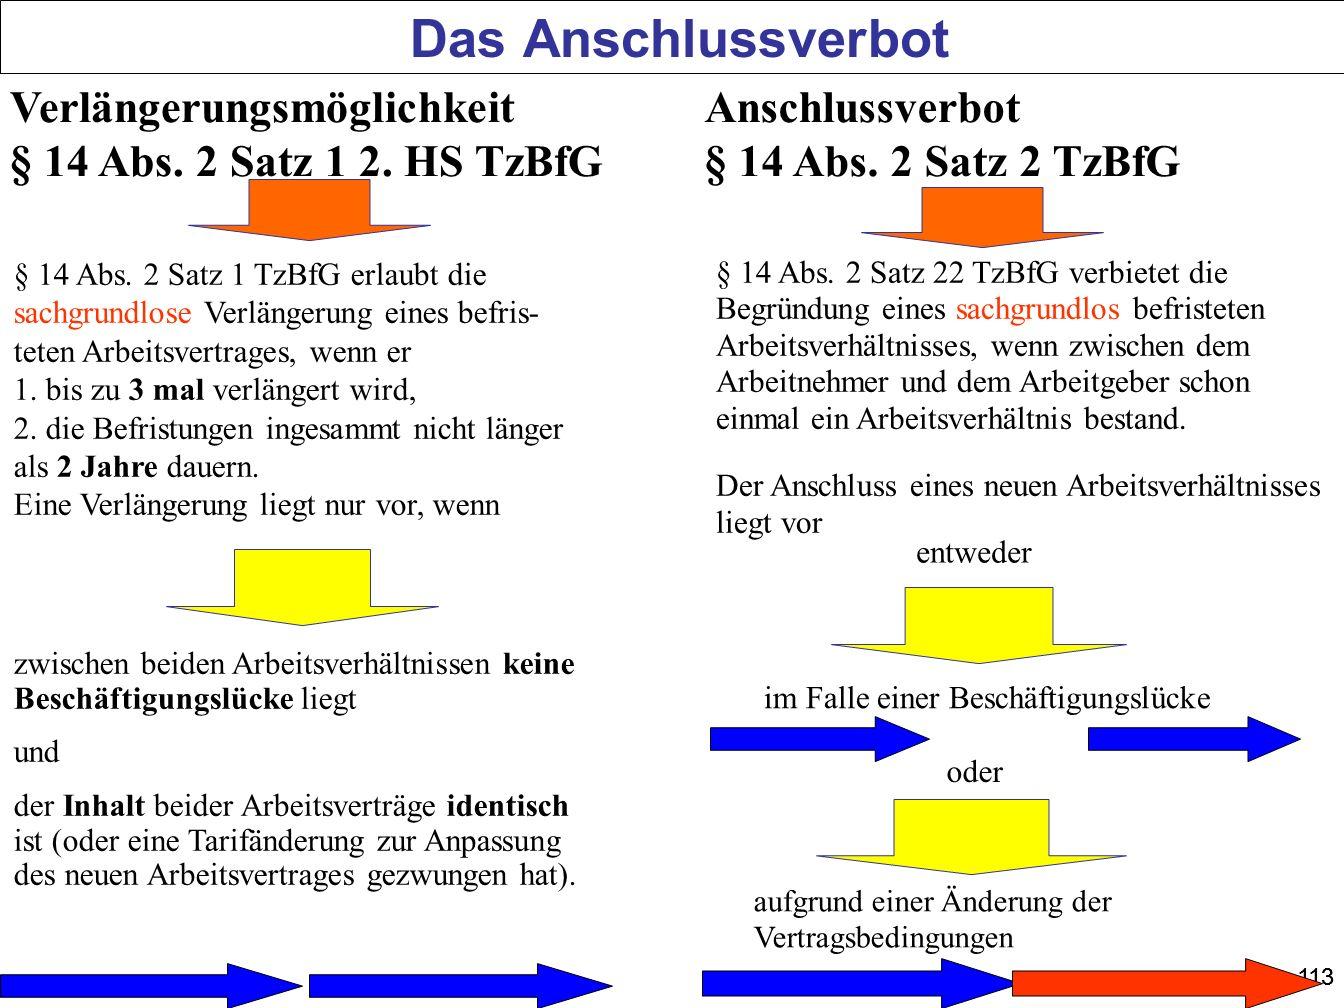 113 Das Anschlussverbot § 14 Abs. 2 Satz 1 TzBfG erlaubt die sachgrundlose Verlängerung eines befris- teten Arbeitsvertrages, wenn er 1. bis zu 3 mal